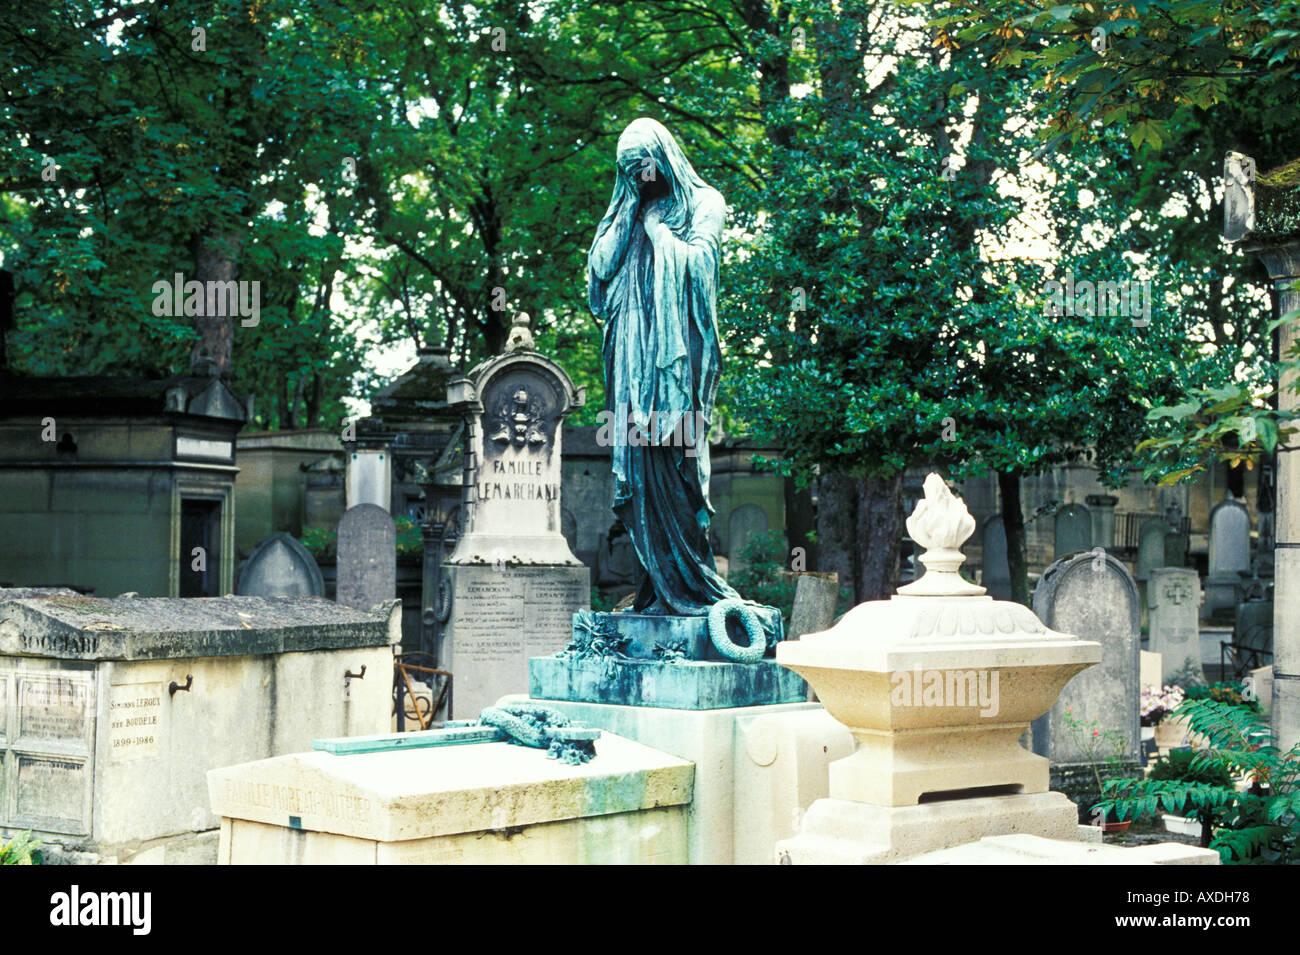 Cimetiere Pere Lachaise Paris France Stock Photo: 5487991